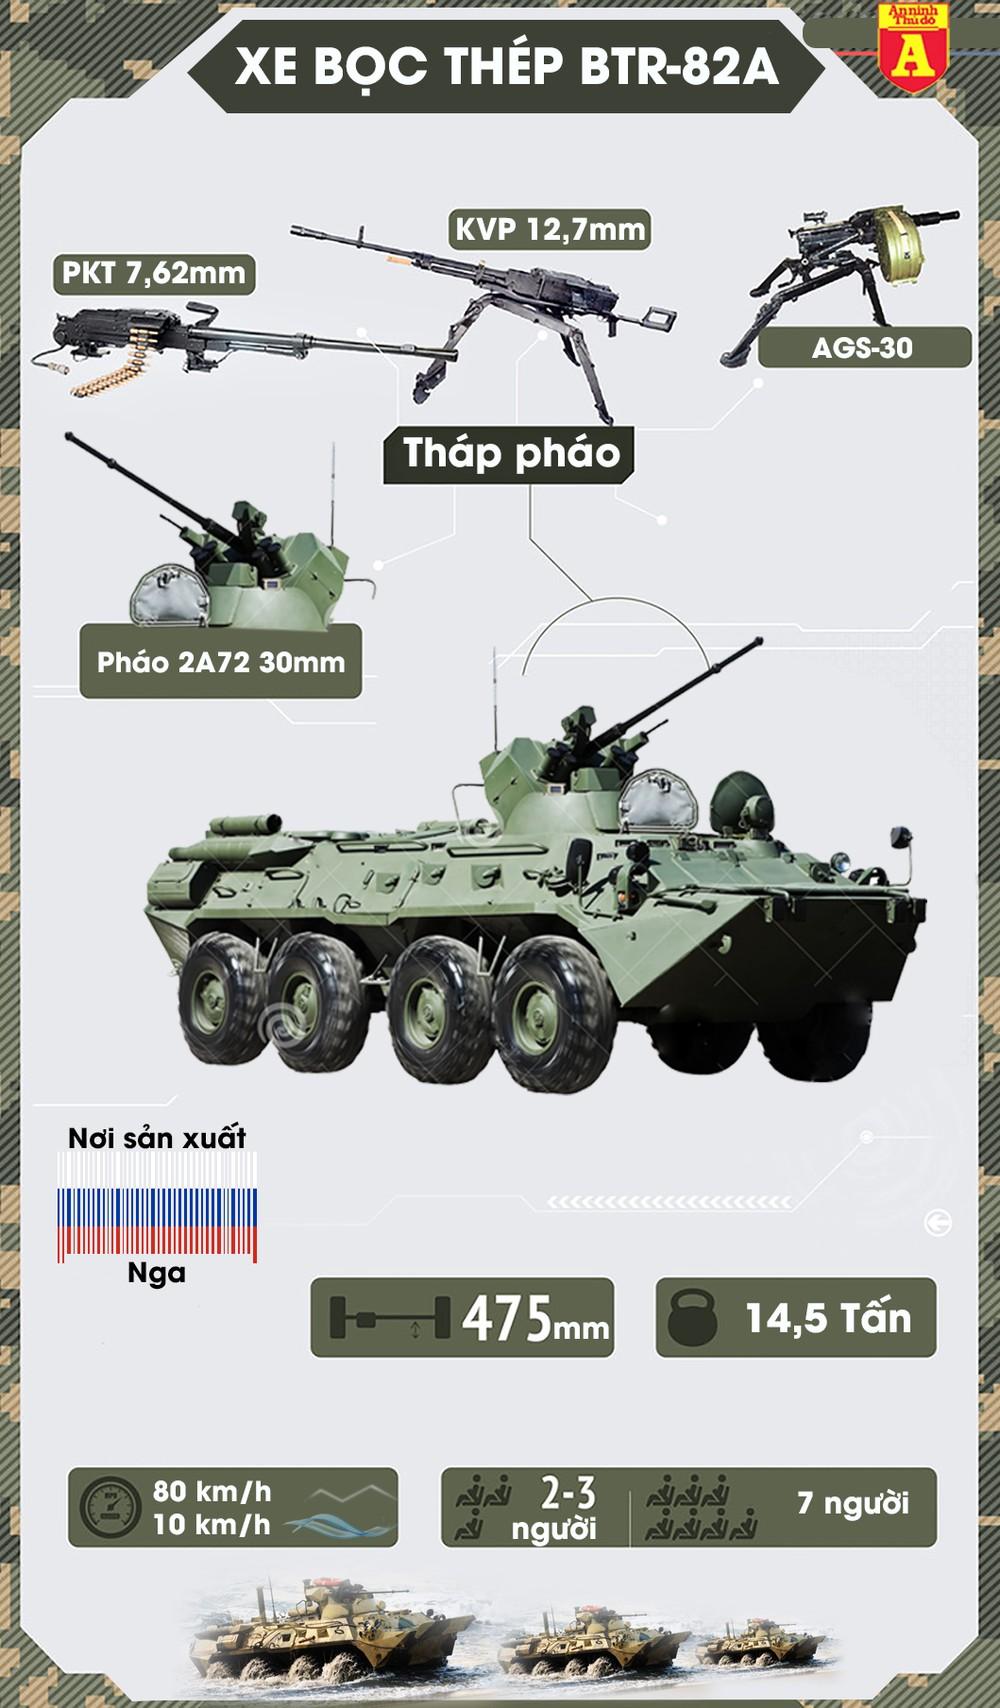 """[Infographic] Có """"báo thép"""" BTR-82A trấn giữ, căn cứ Nga vẫn bị phiến quân bắn phá ảnh 2"""